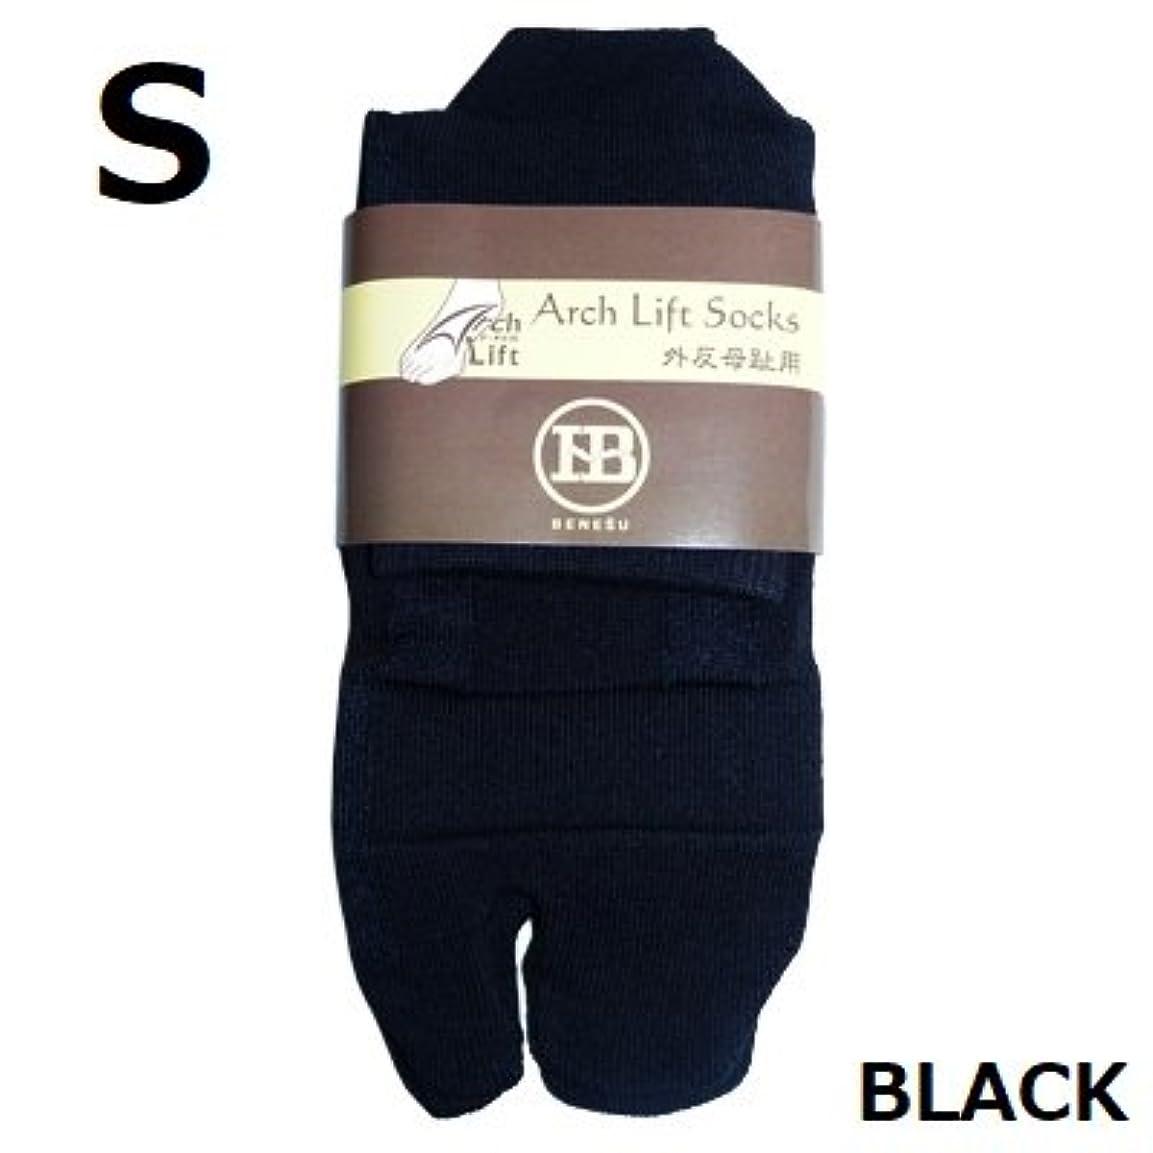 ケーブルカーステッチ保険アーチライフソックス 外反母趾 テーピング加工靴下 サポーター(カラー:黒色)(サイズ:S)